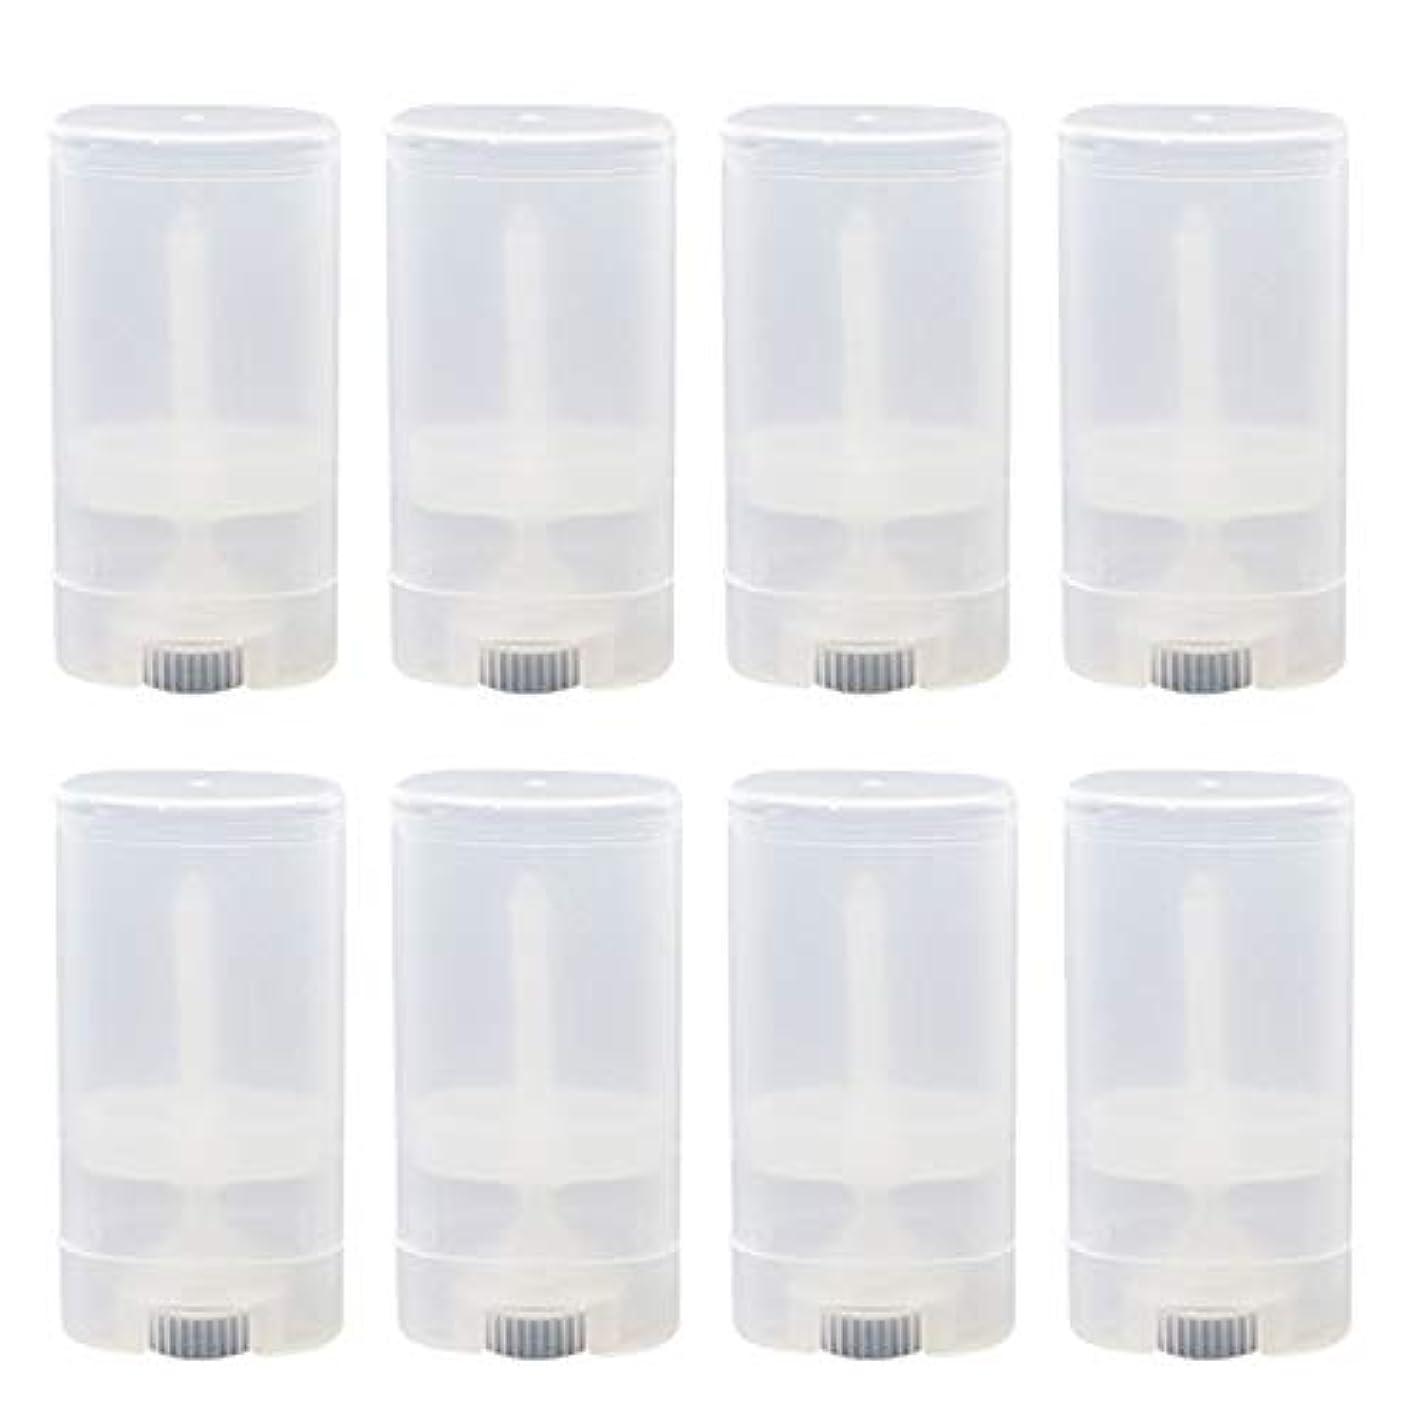 影すべき惨めなMigavann 10ピース15グラムリップバームチューブ リップクリーム容器 詰め替え式透明空消臭自家製石鹸リップクリーム口紅容器チューブボトル